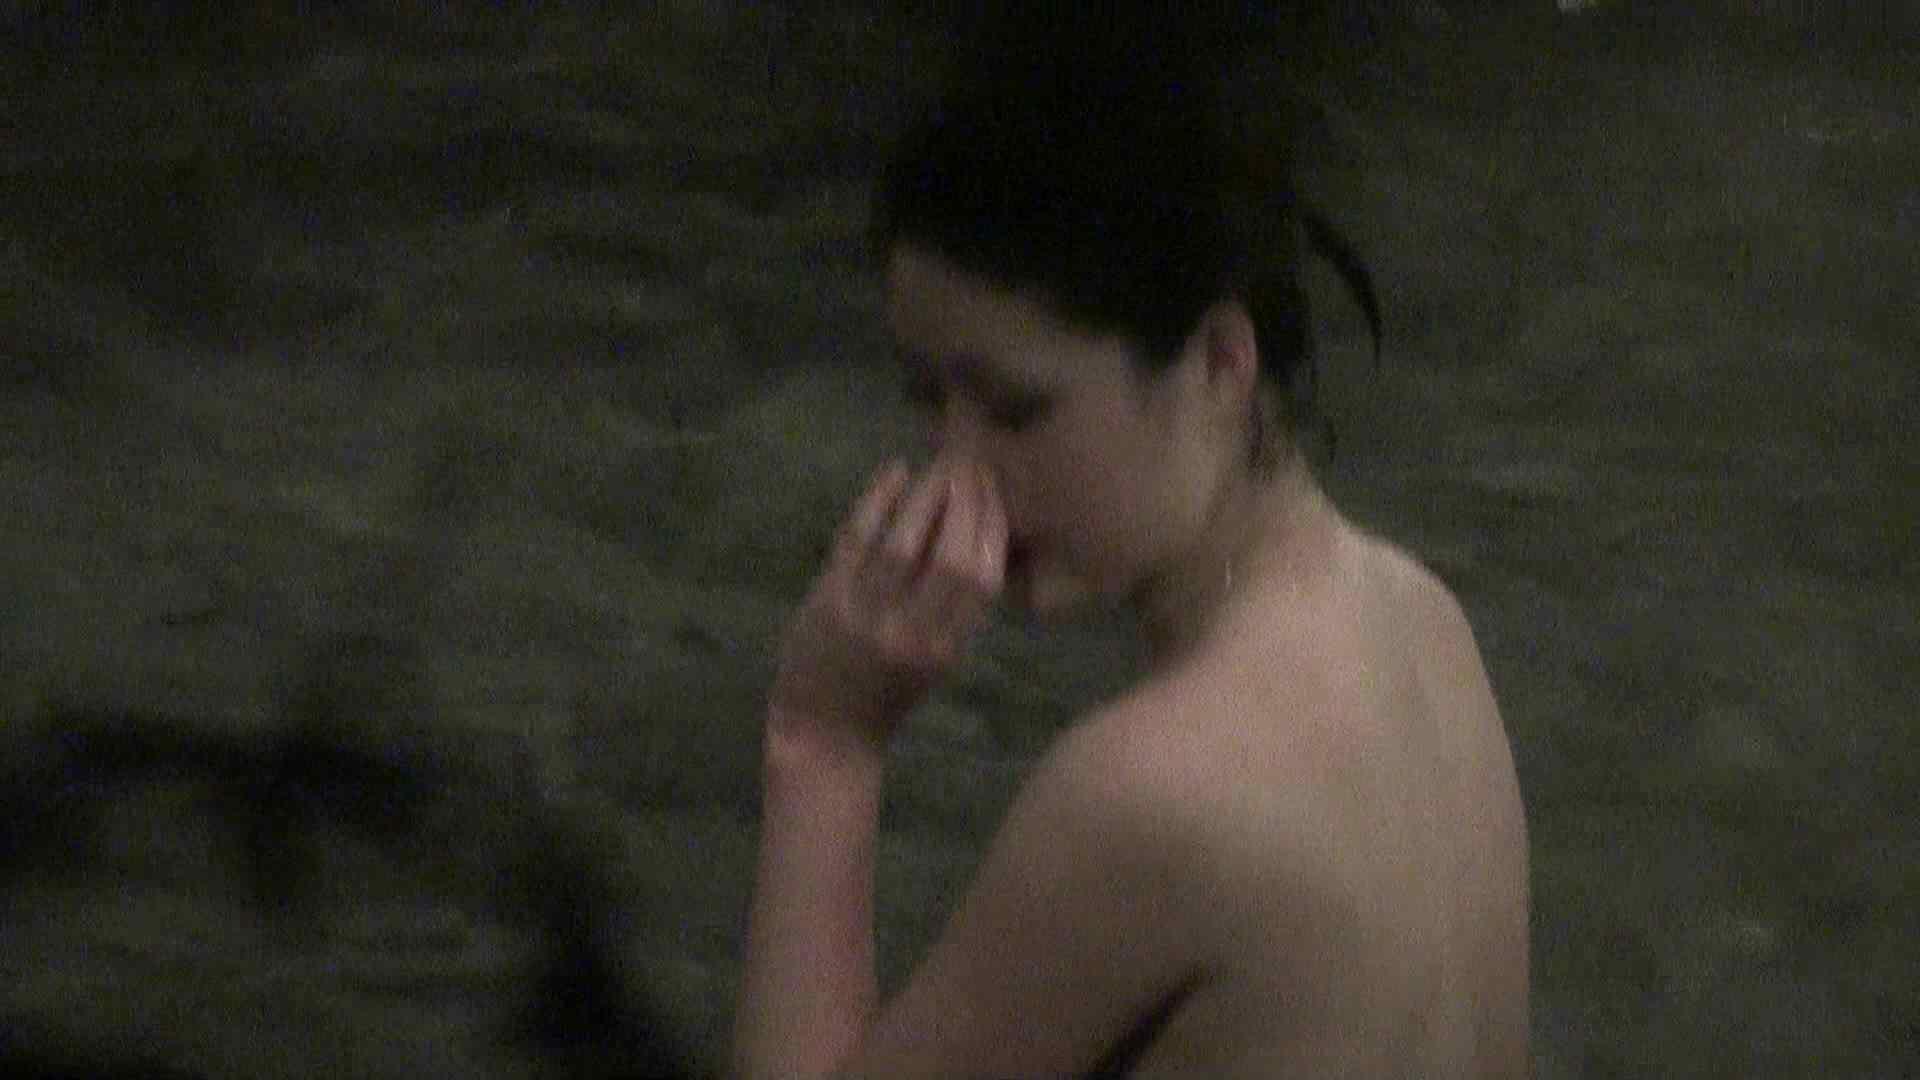 Aquaな露天風呂Vol.365 OL女体   女体盗撮  72連発 61